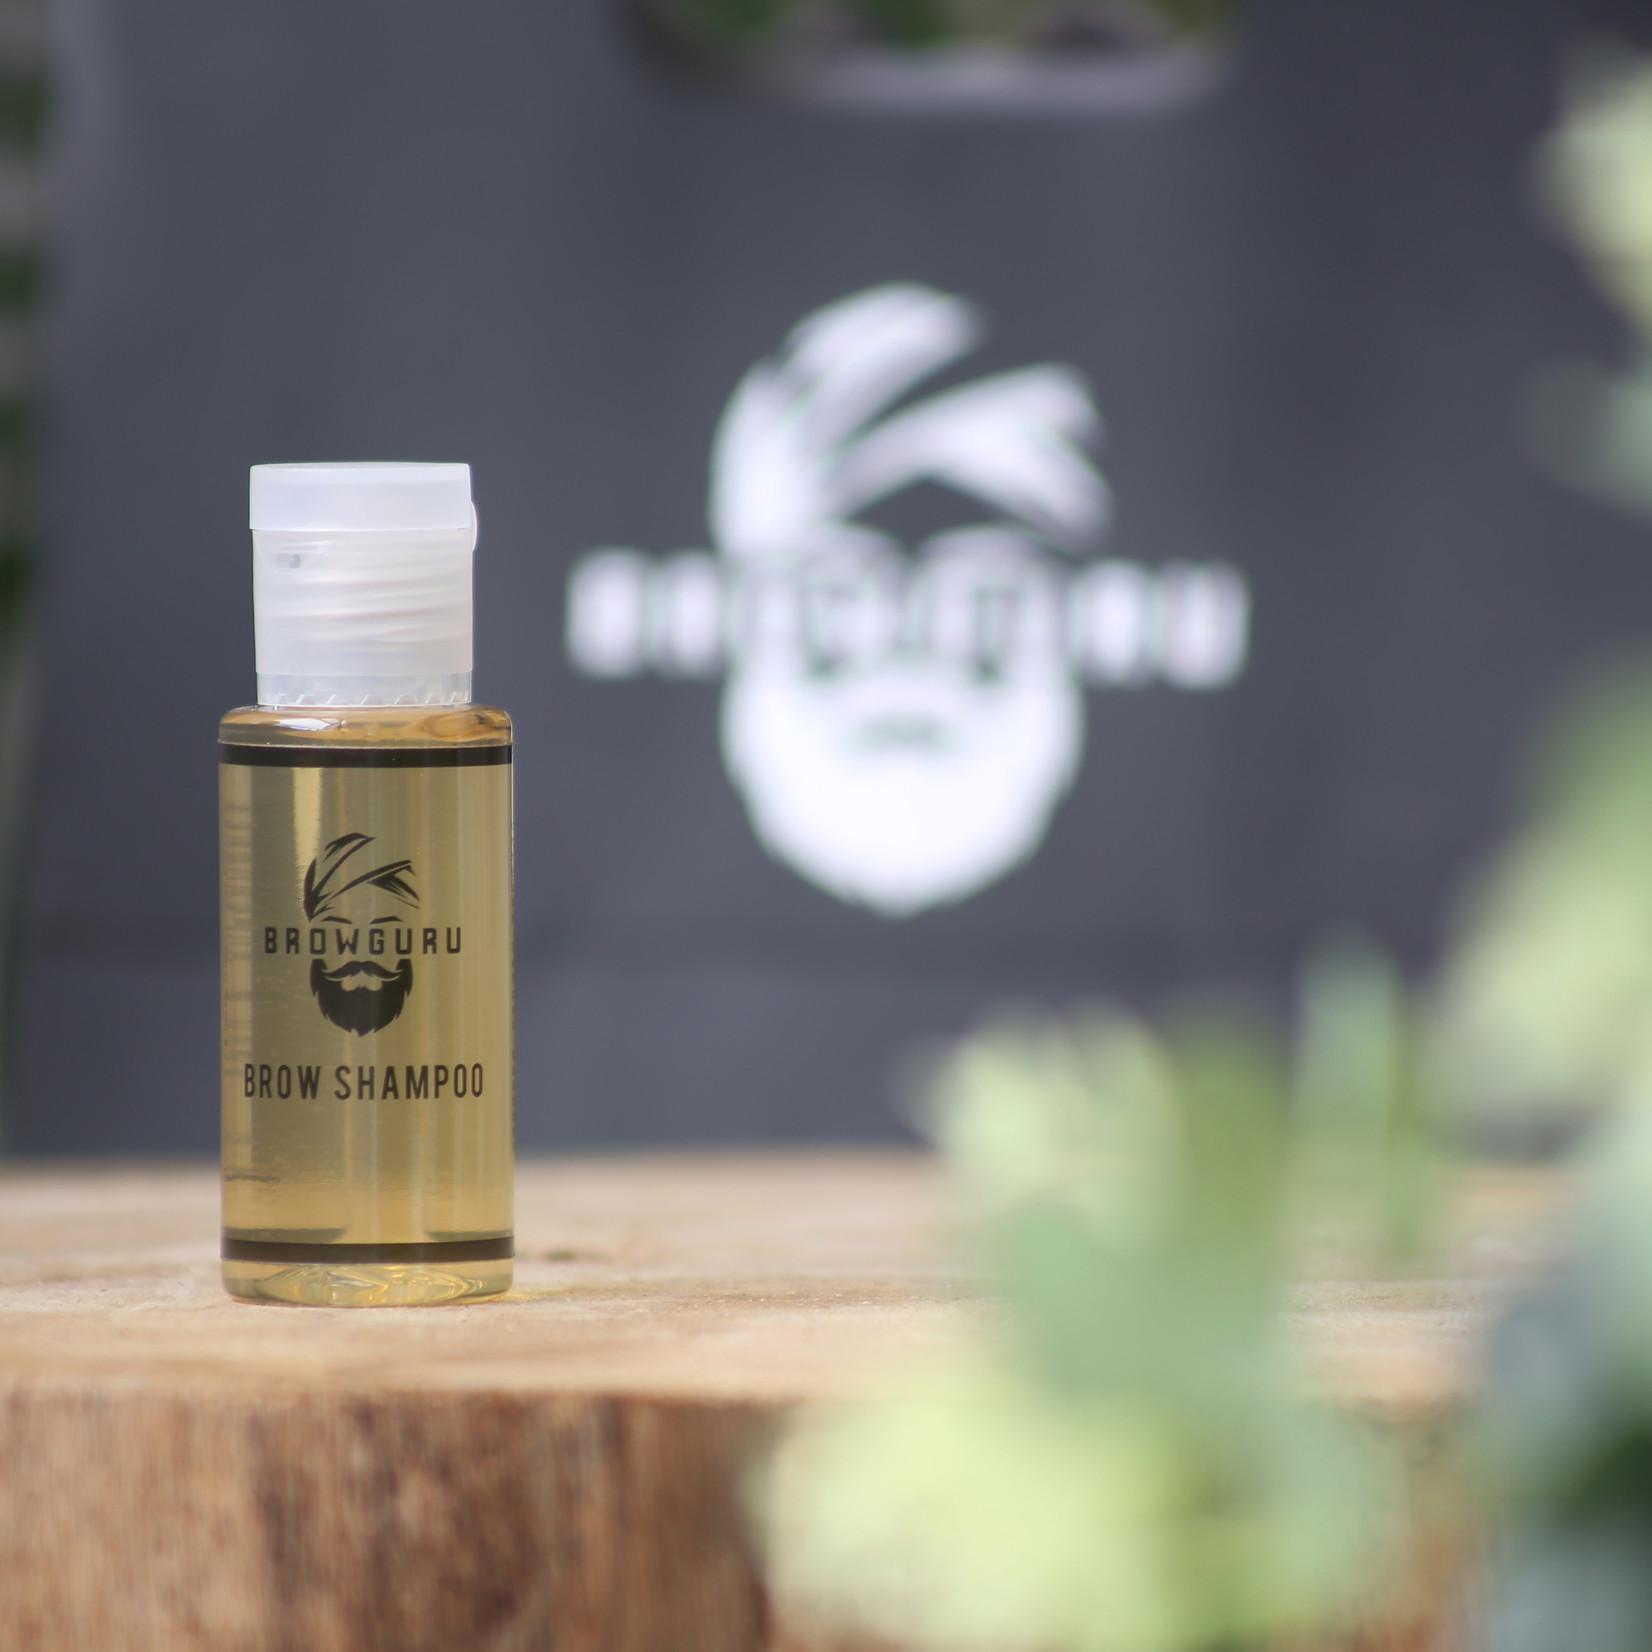 Browguru® Brow Shampoo 30 ml